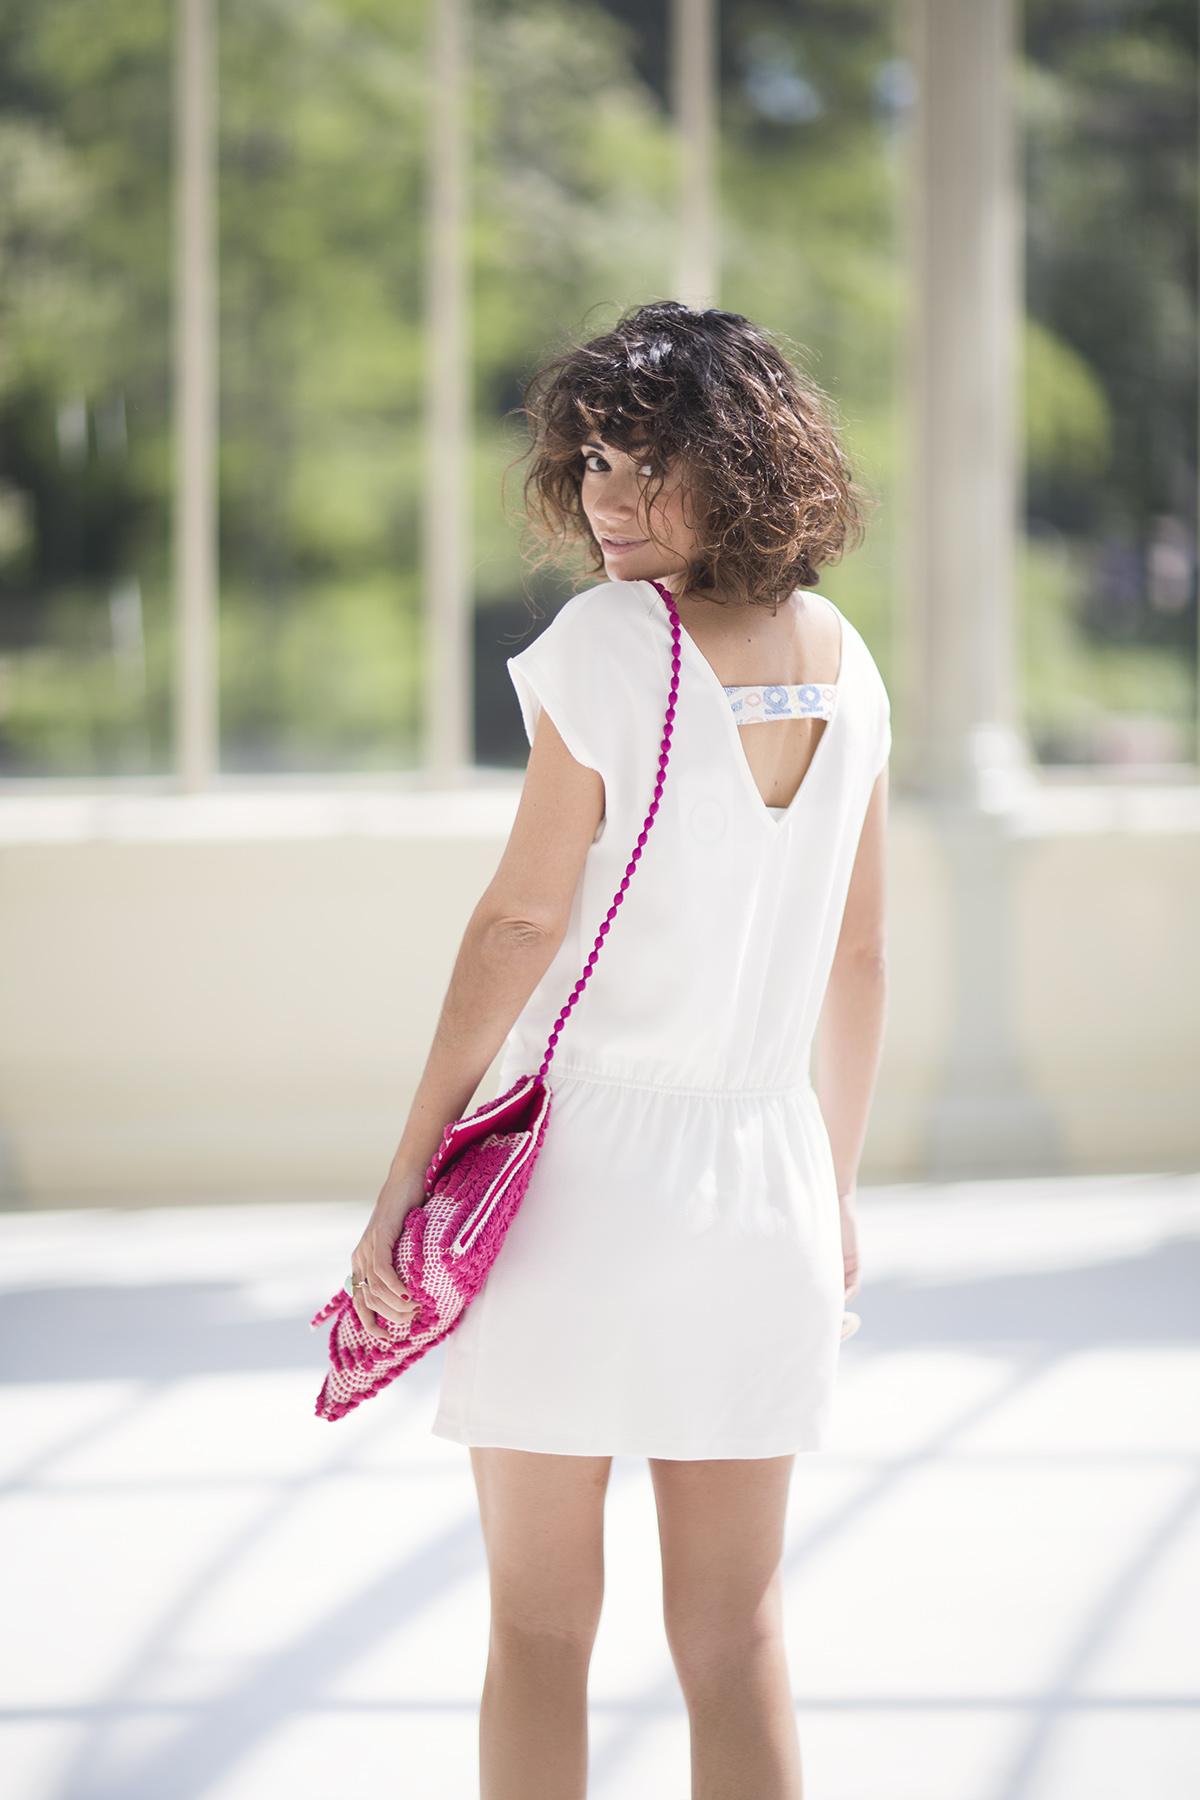 boho_white_dress-streetstyle-cool_lemonade